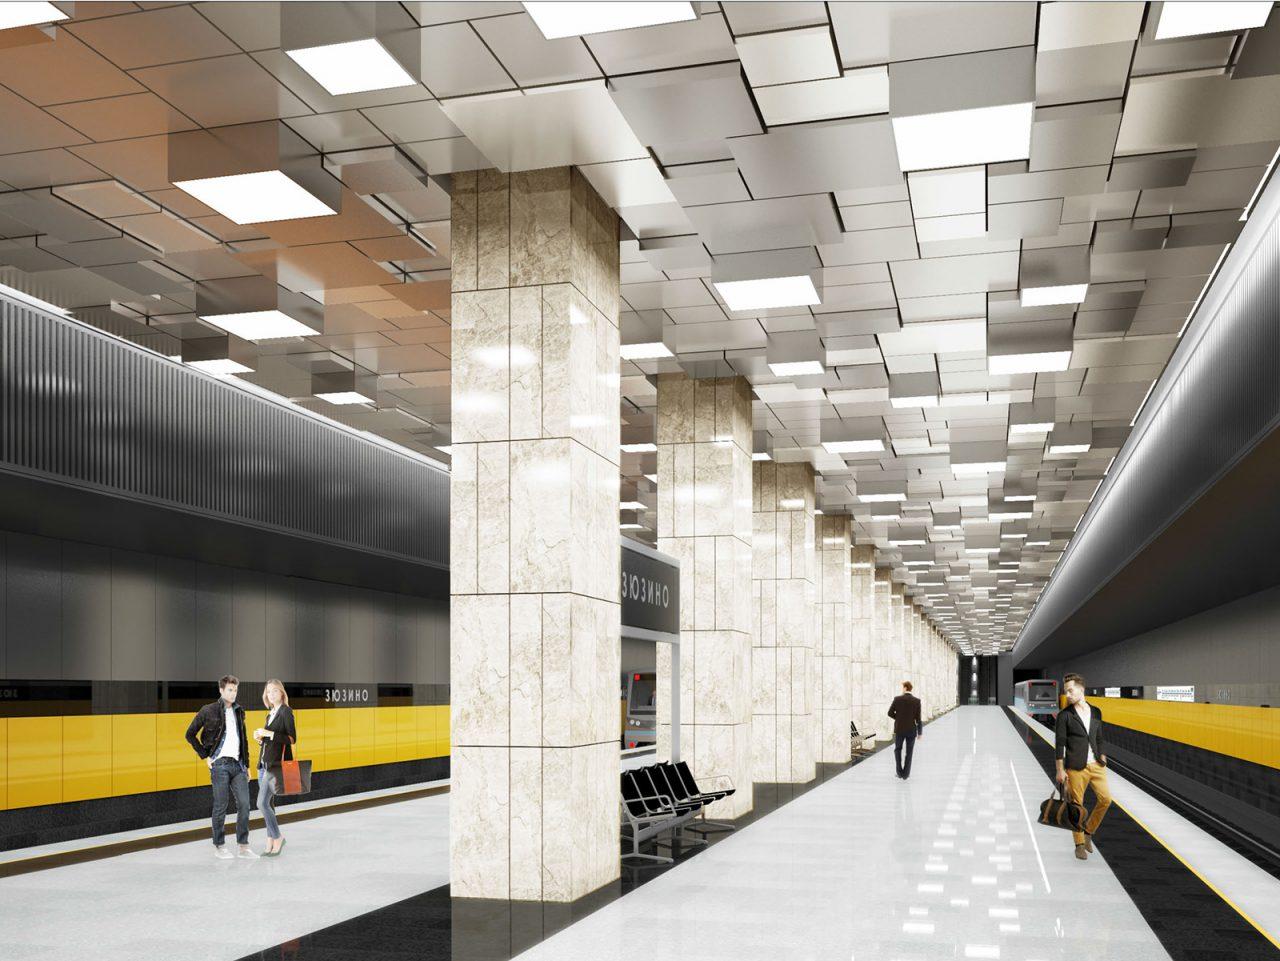 Станцию метро «Зюзино» оформят в футуристическом стиле